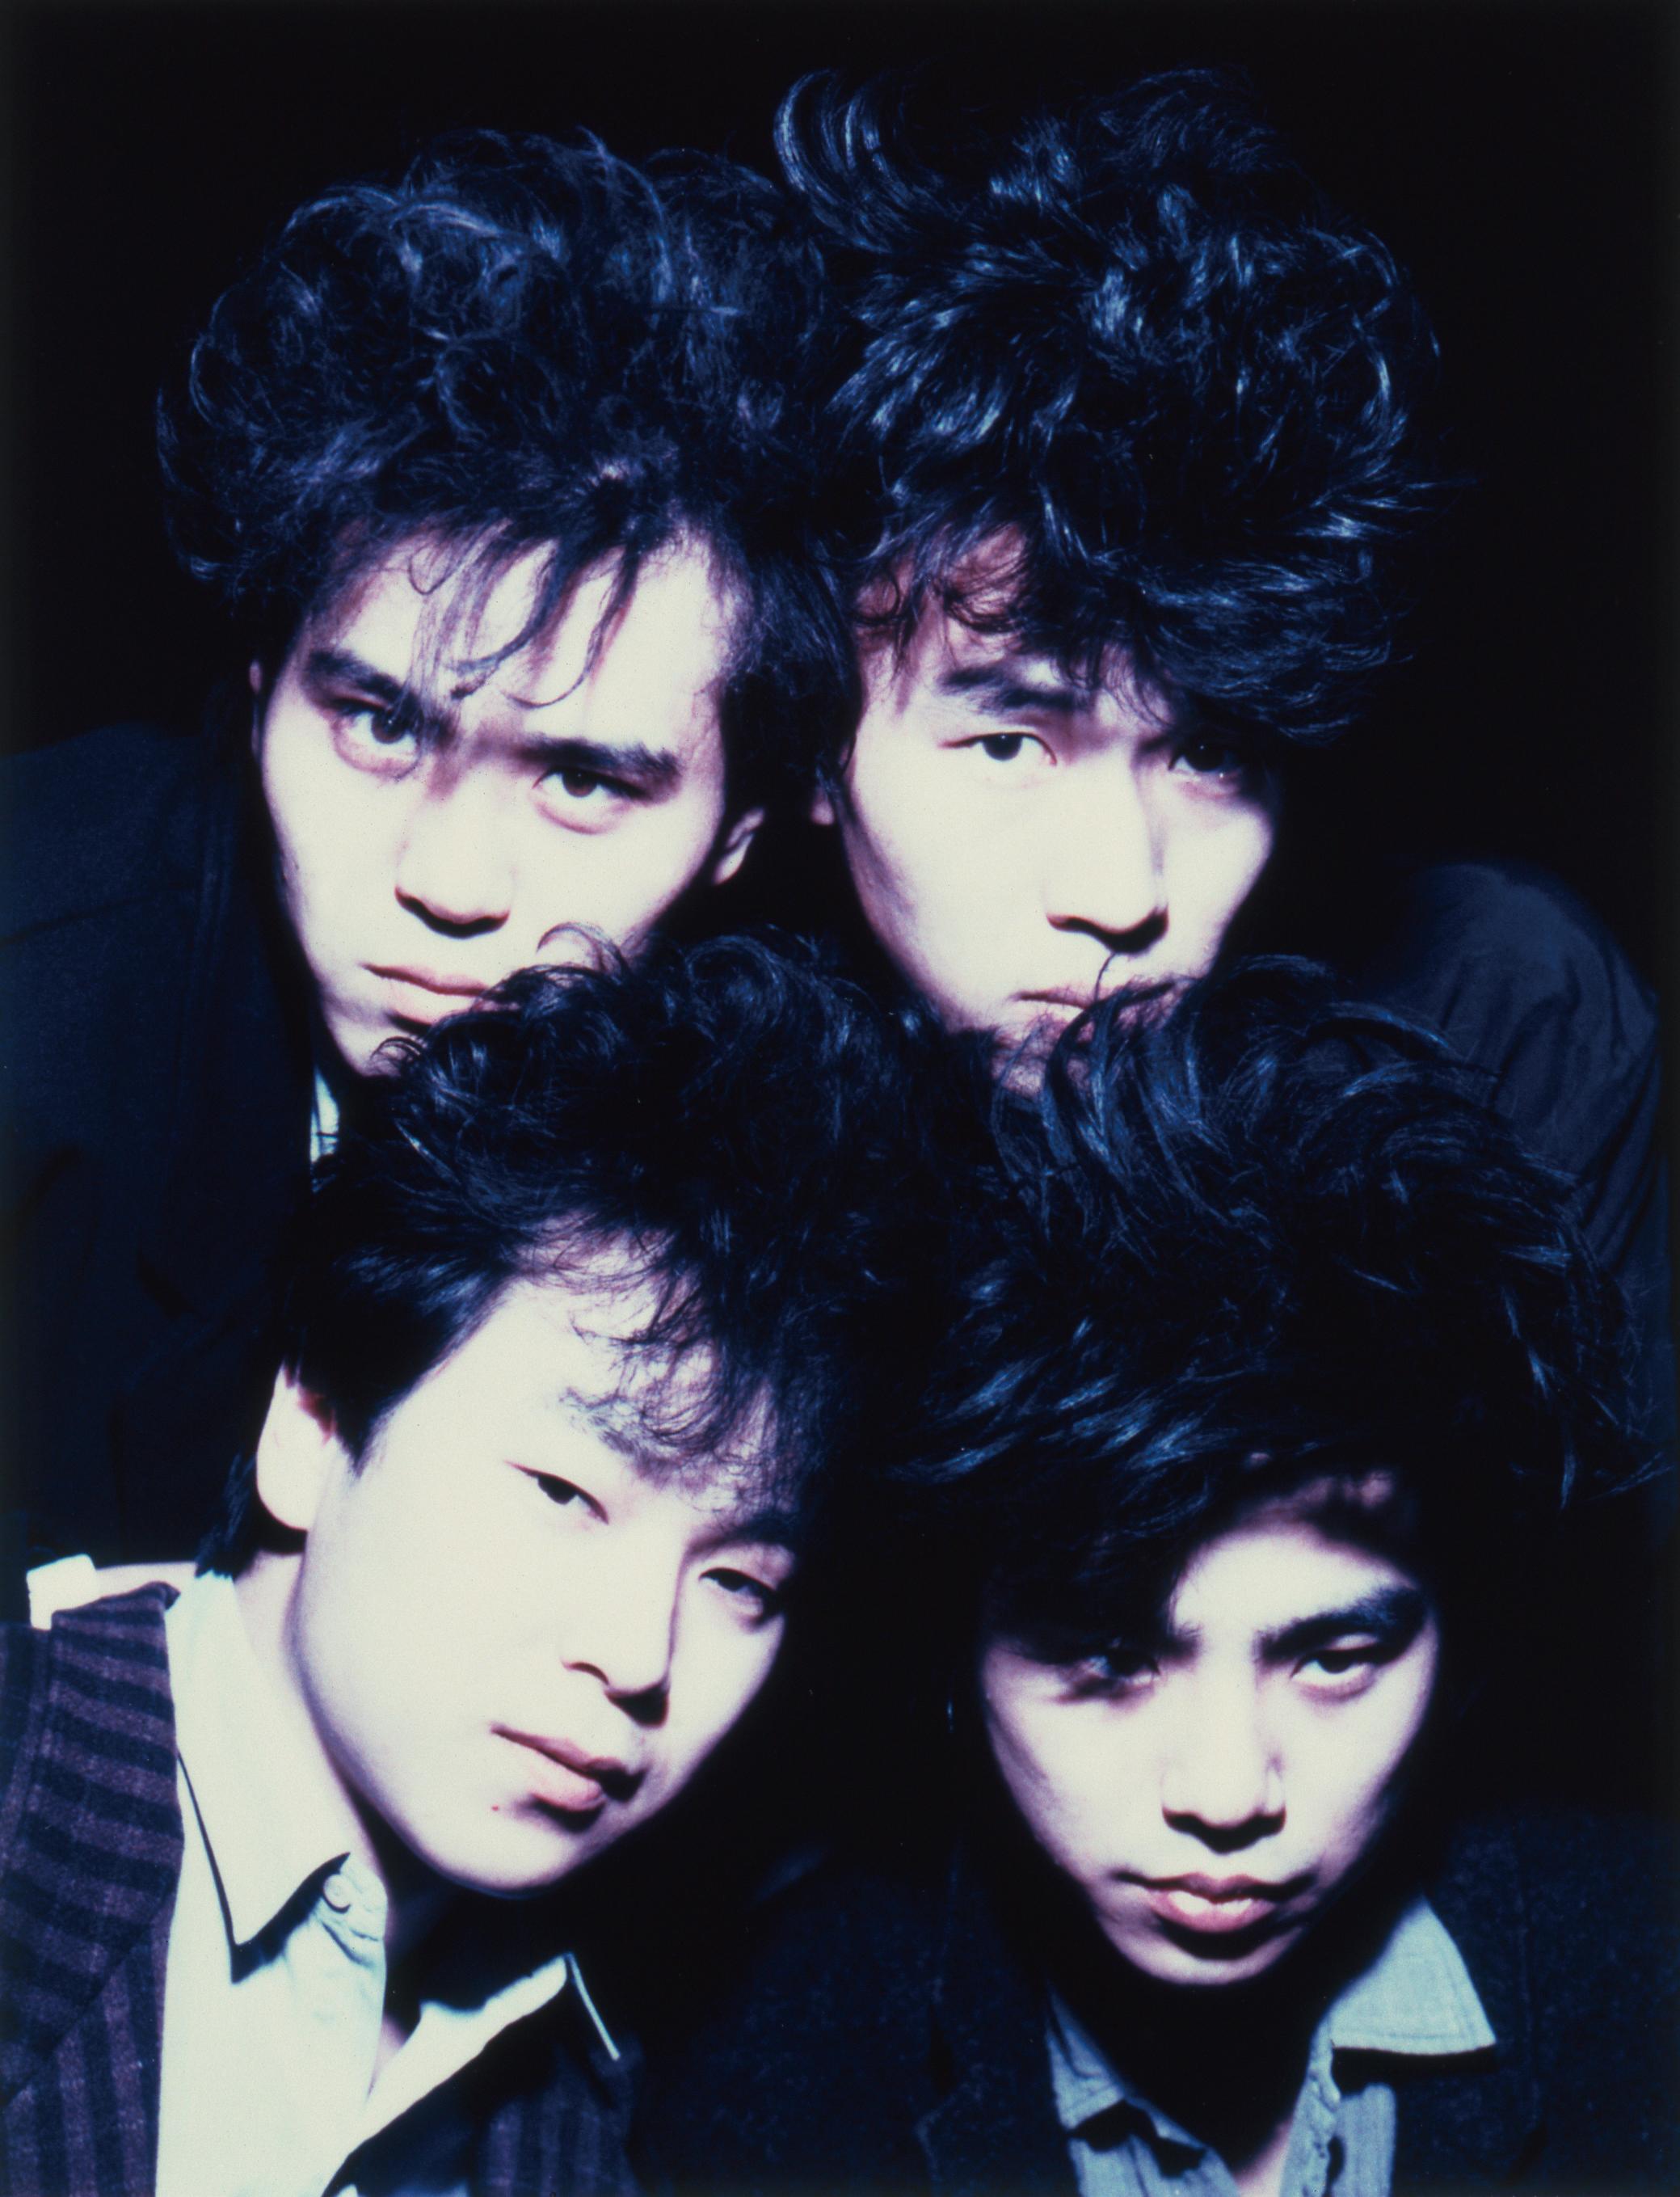 エレファントカシマシ、デビュー30周年記念!ライヴ・フィルム『エレファントカシマシ~1988/09/10渋谷公会堂~』世界初、一夜限りのプレミア上映@Zepp東阪